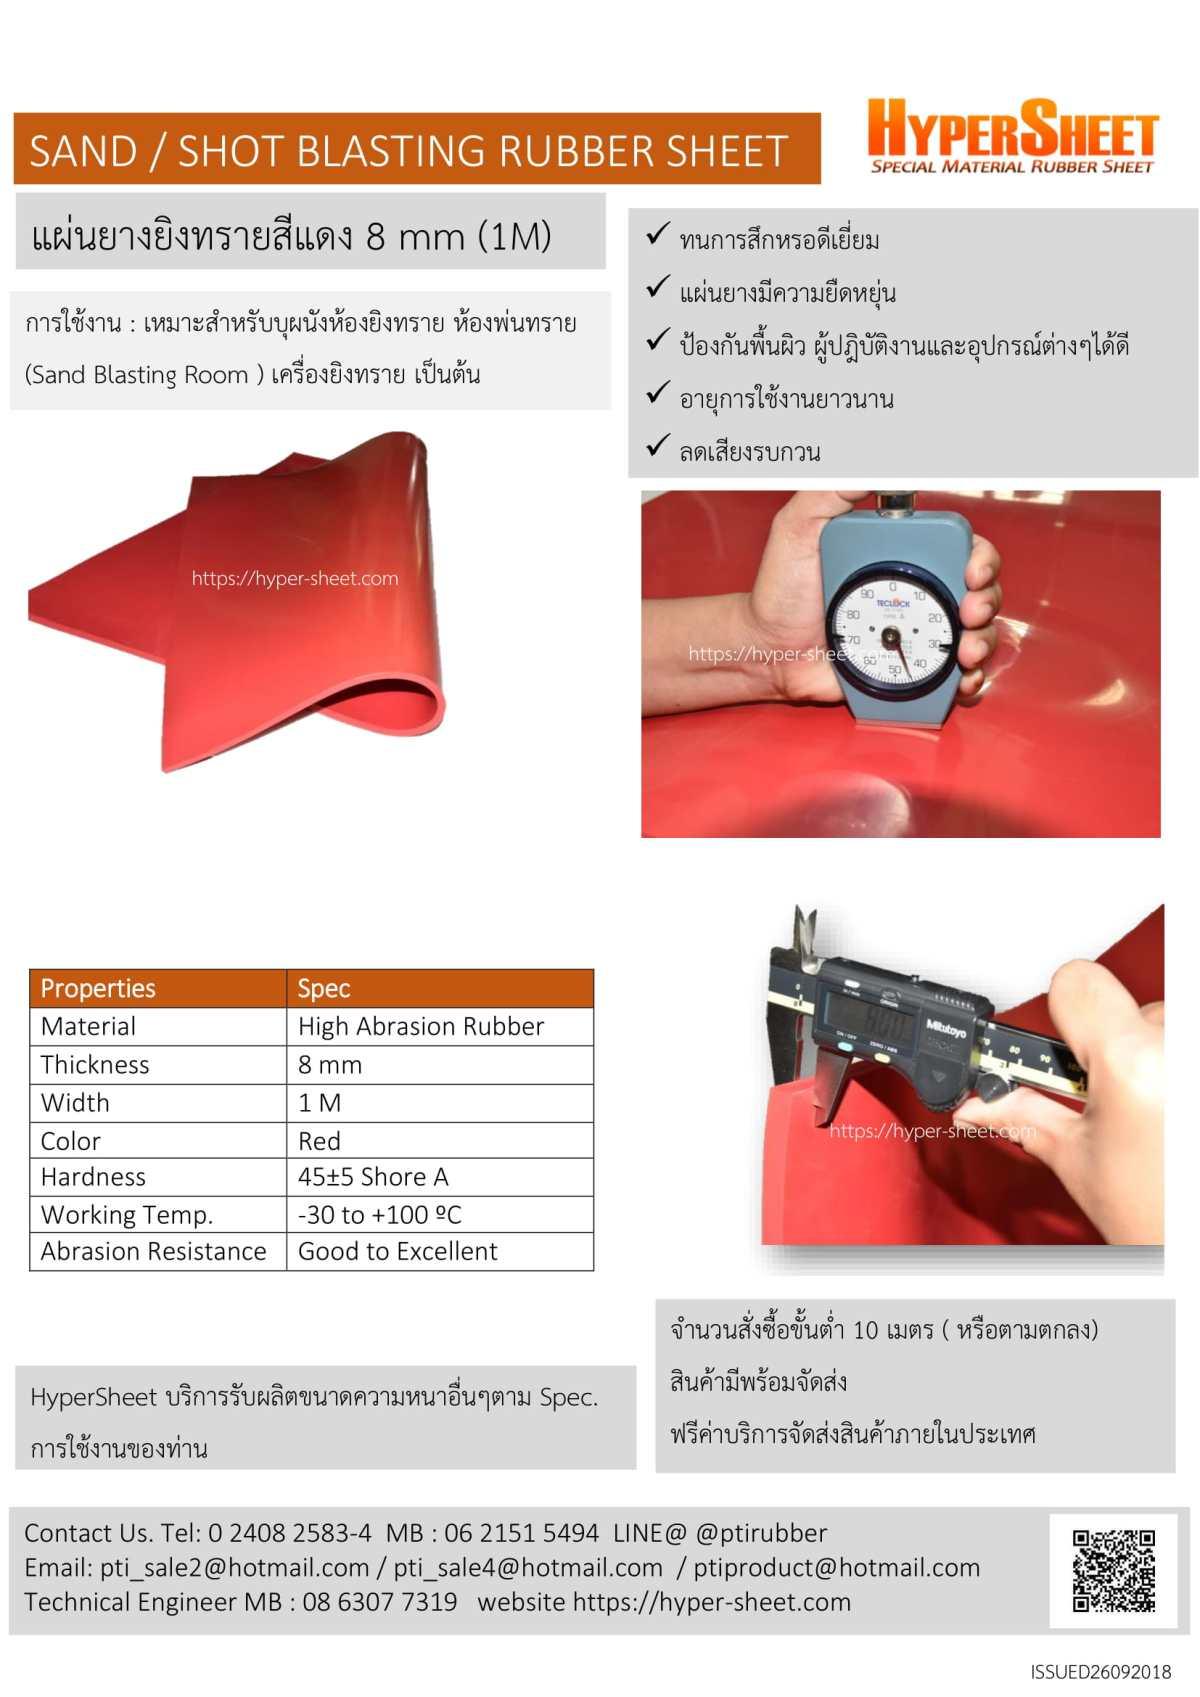 แผ่นยางยิงทรายสีแดง 8 mm width 1 M-1